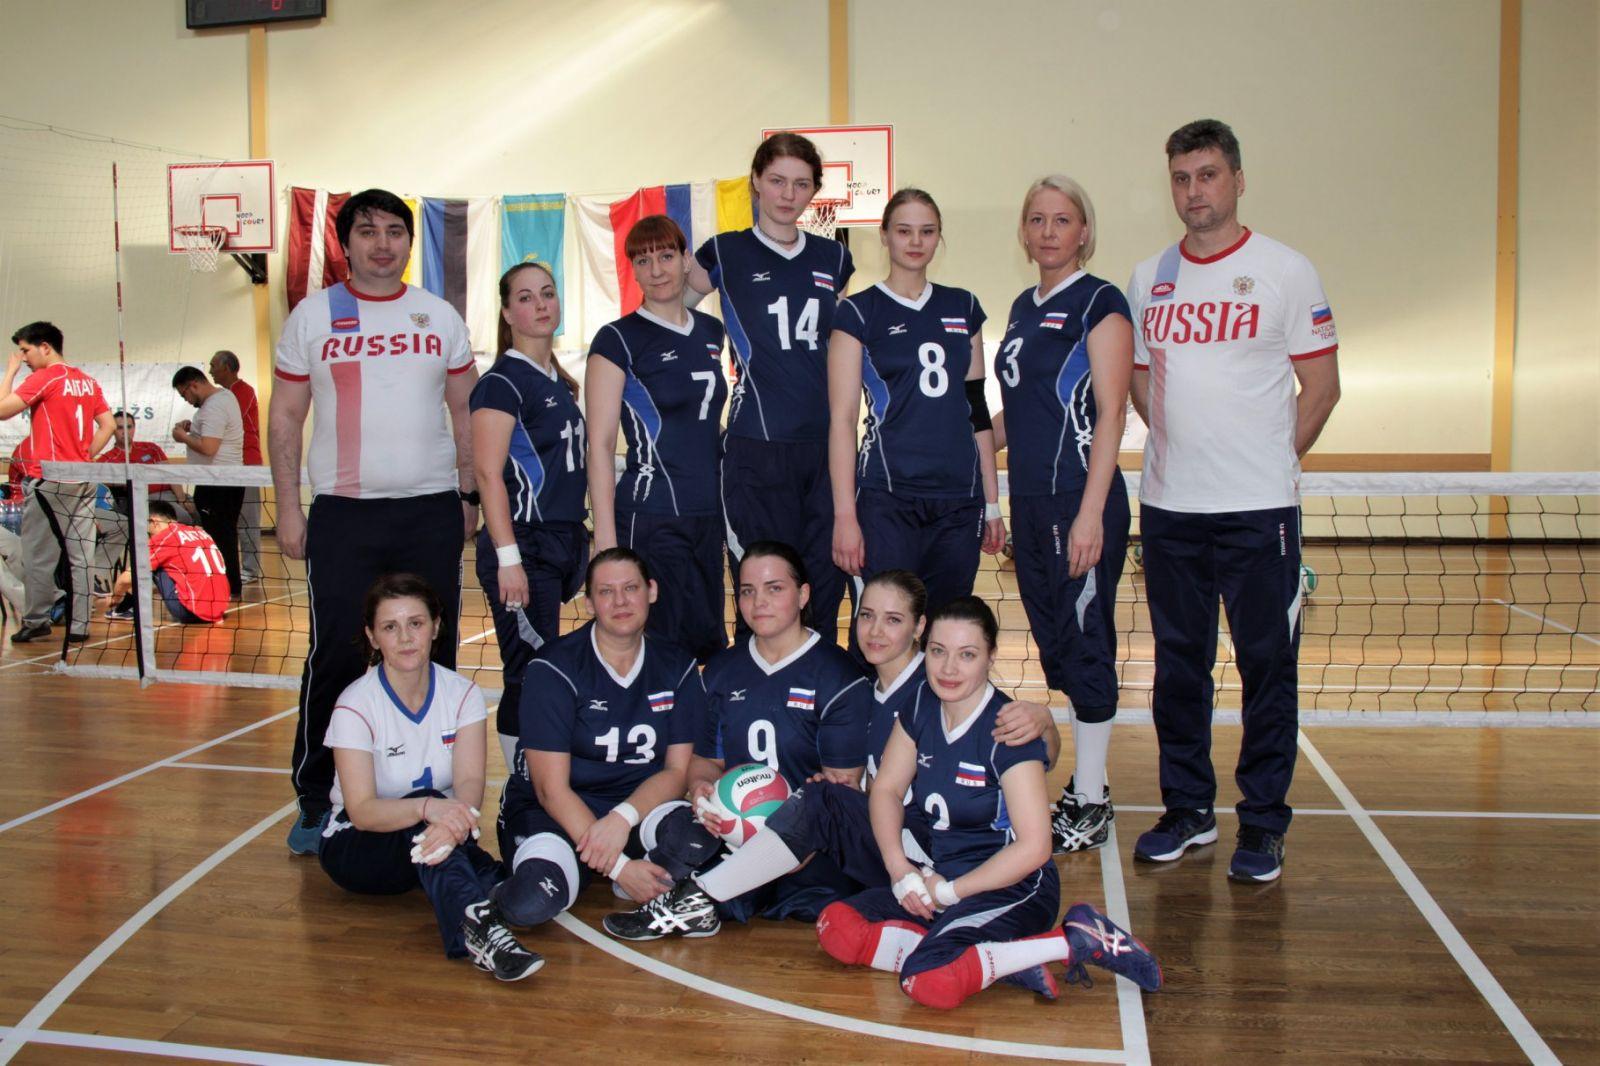 Женская сборная команда России по волейболу сидя заняла 6-е место на международных соревнованиях «Кубок Риги»